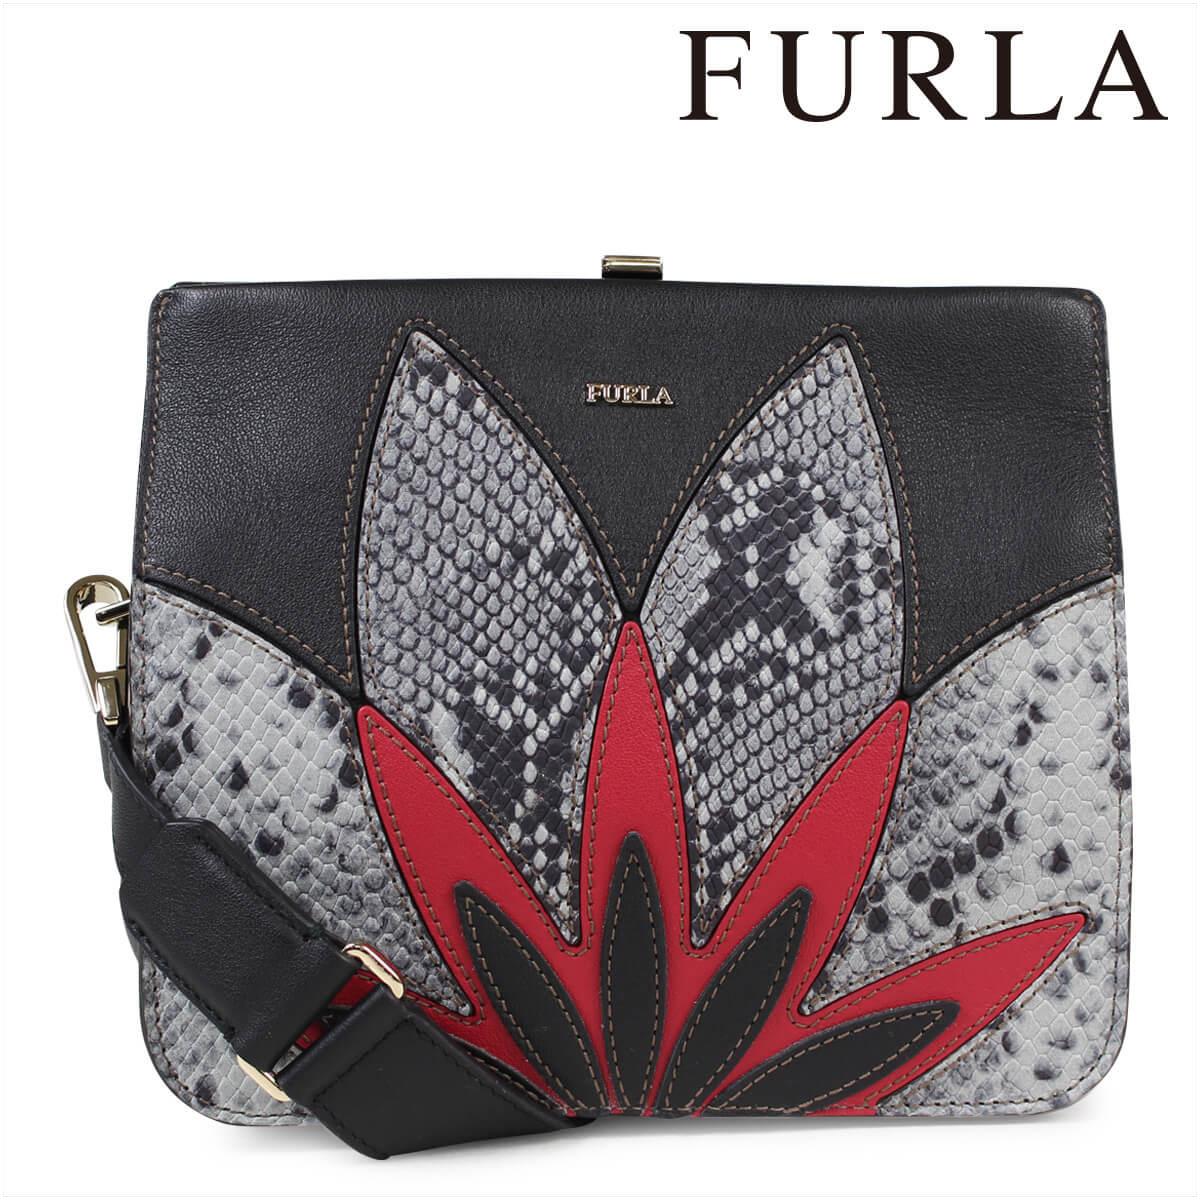 フルラ FURLA バッグ ショルダー レディース ブラック SELFIE SHOULDER BAG 904296